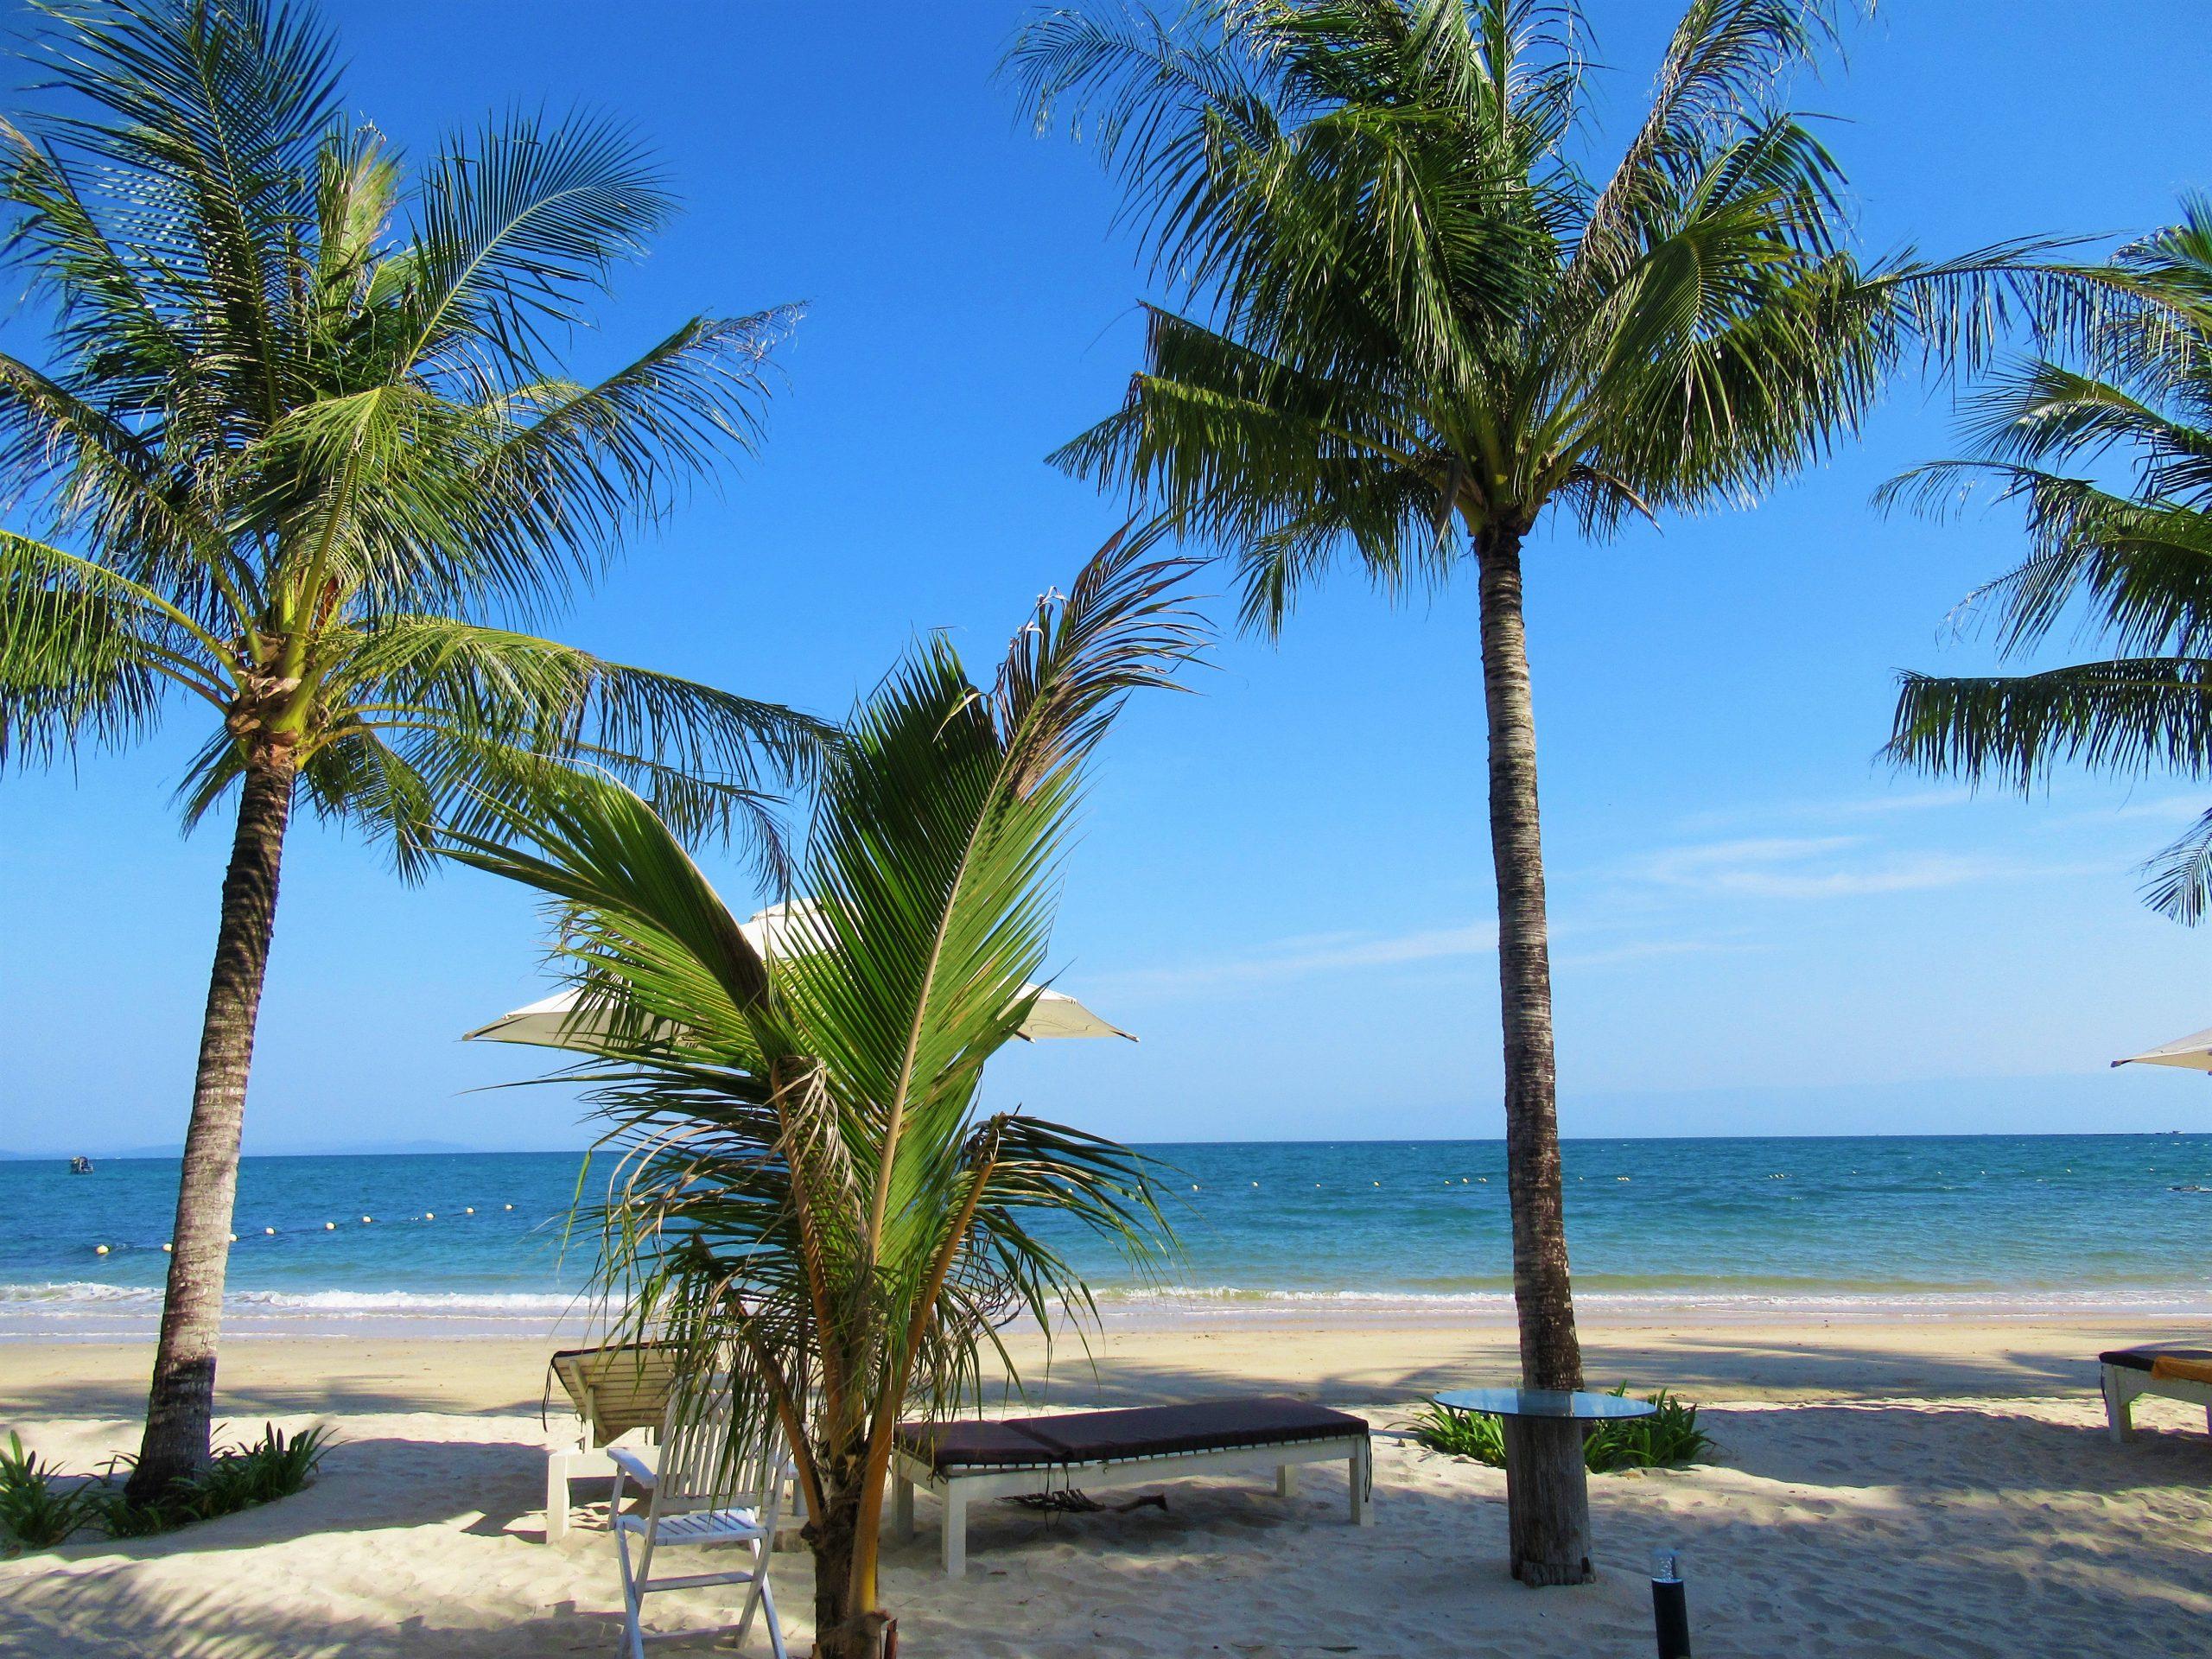 Beachfront, Gold Coast Resort, Phu Quoc Island, Vietnam